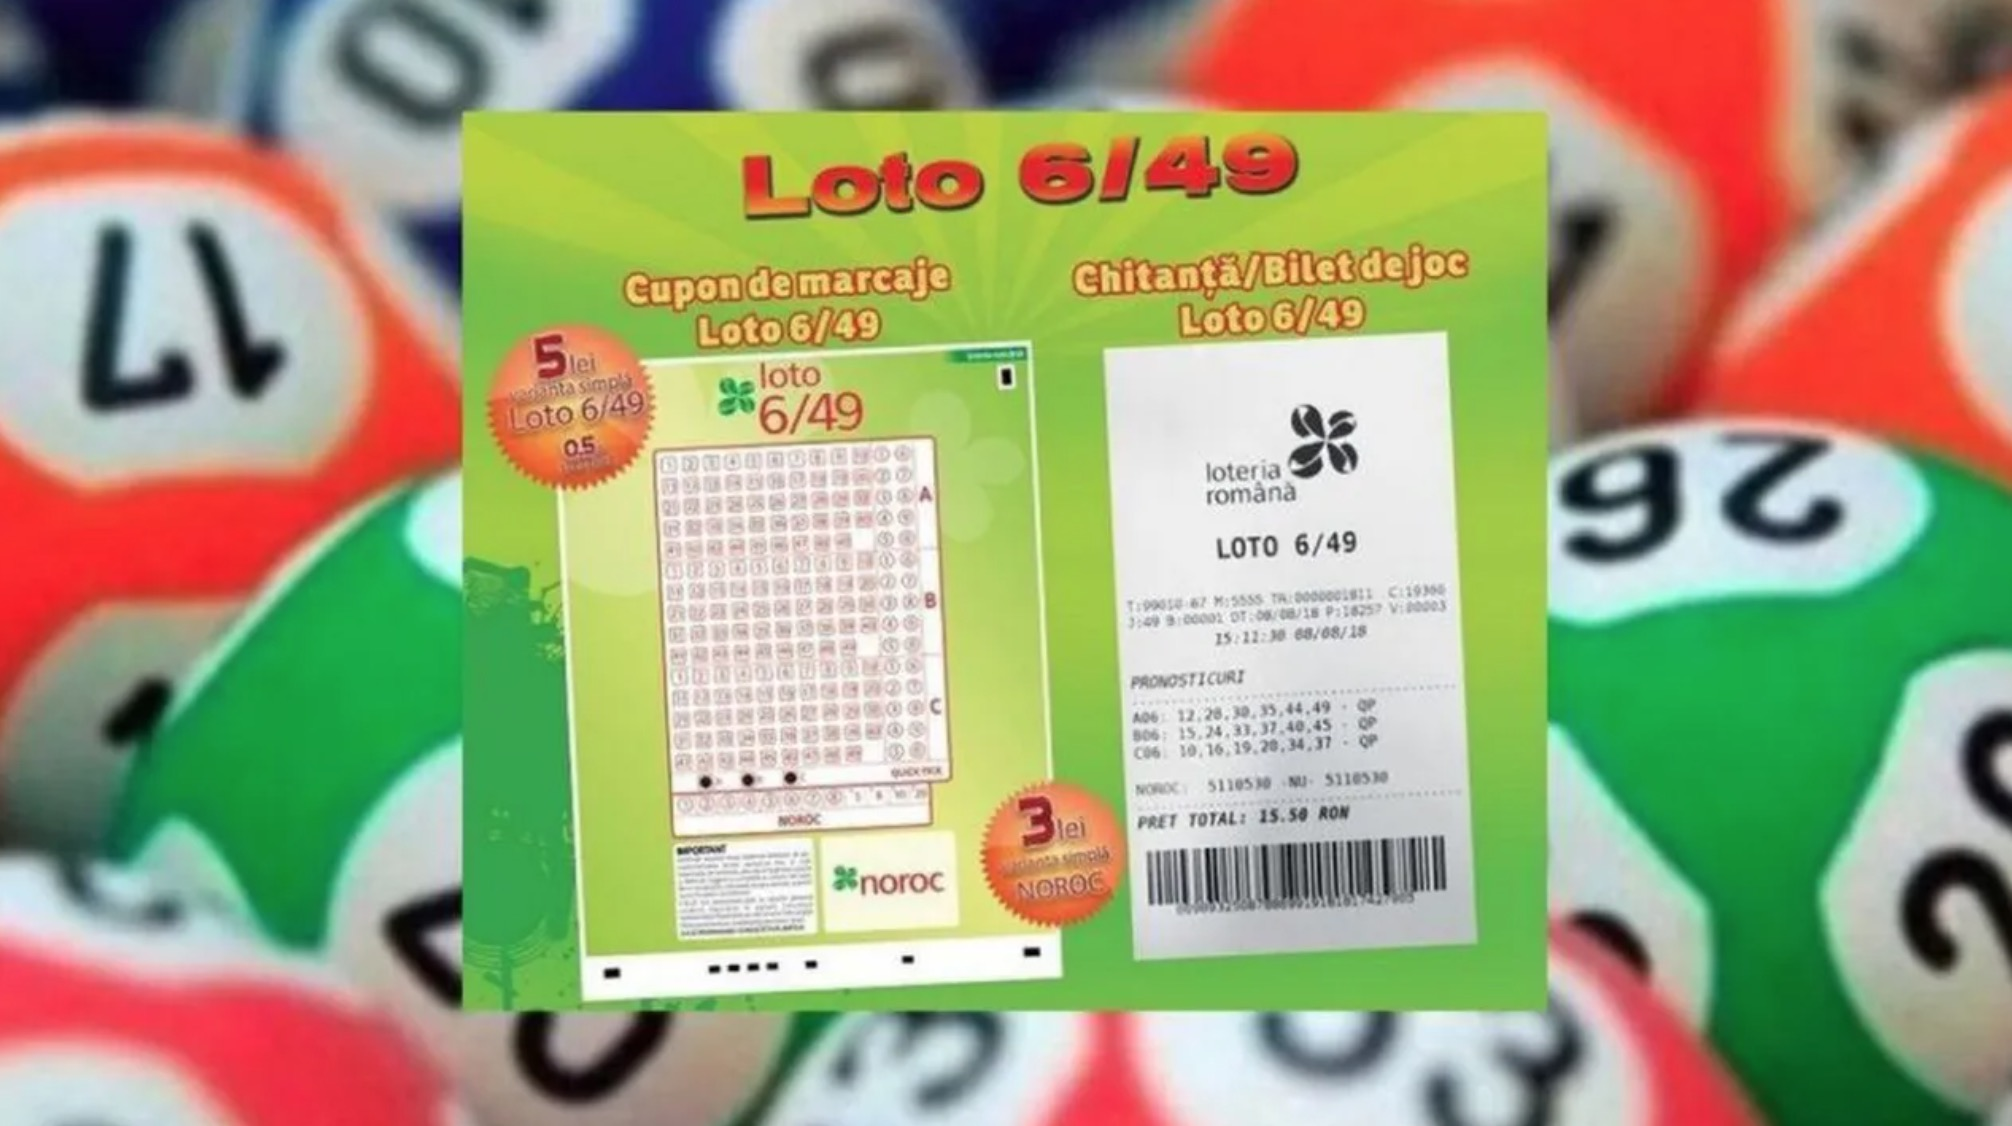 Loto, duminică, 22 august. Report la Joker, 6 milioane de euro, iar la 6/49 peste 1 milion lei